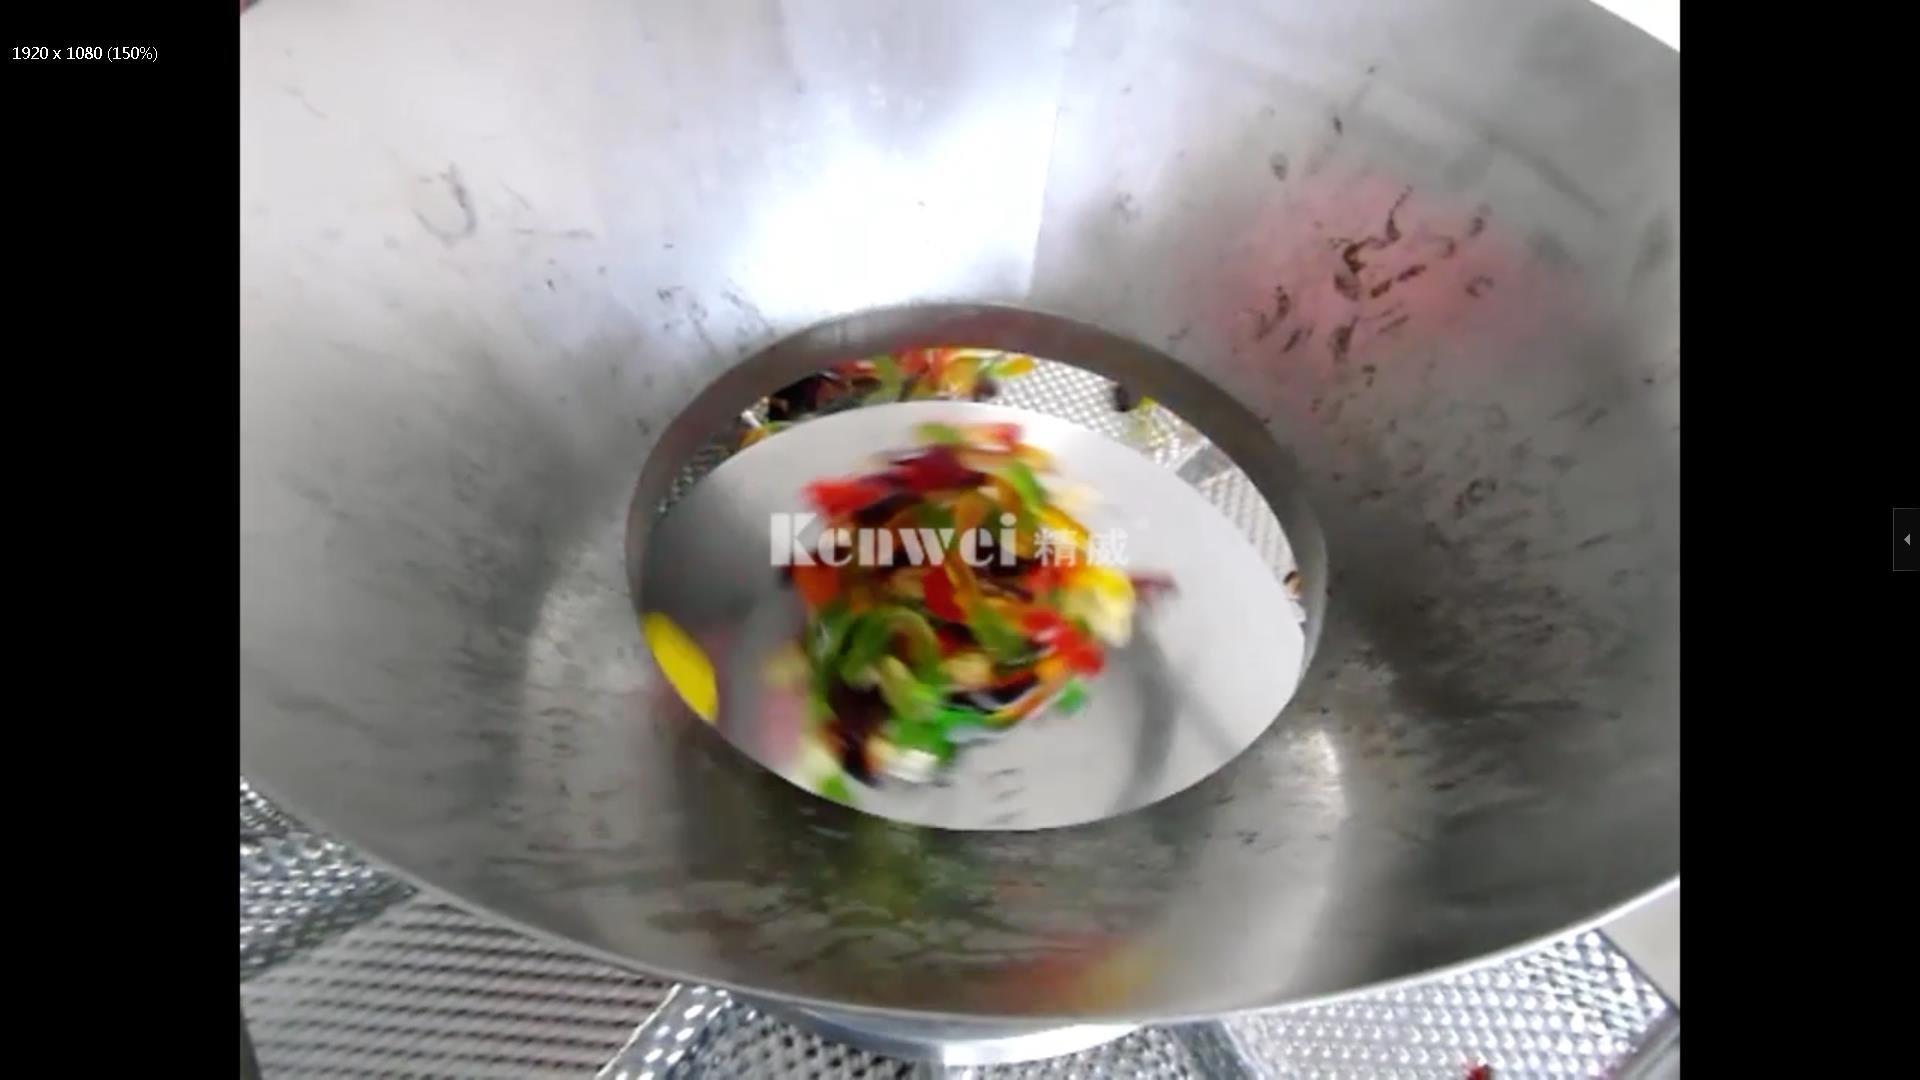 Kenwei  Array image148